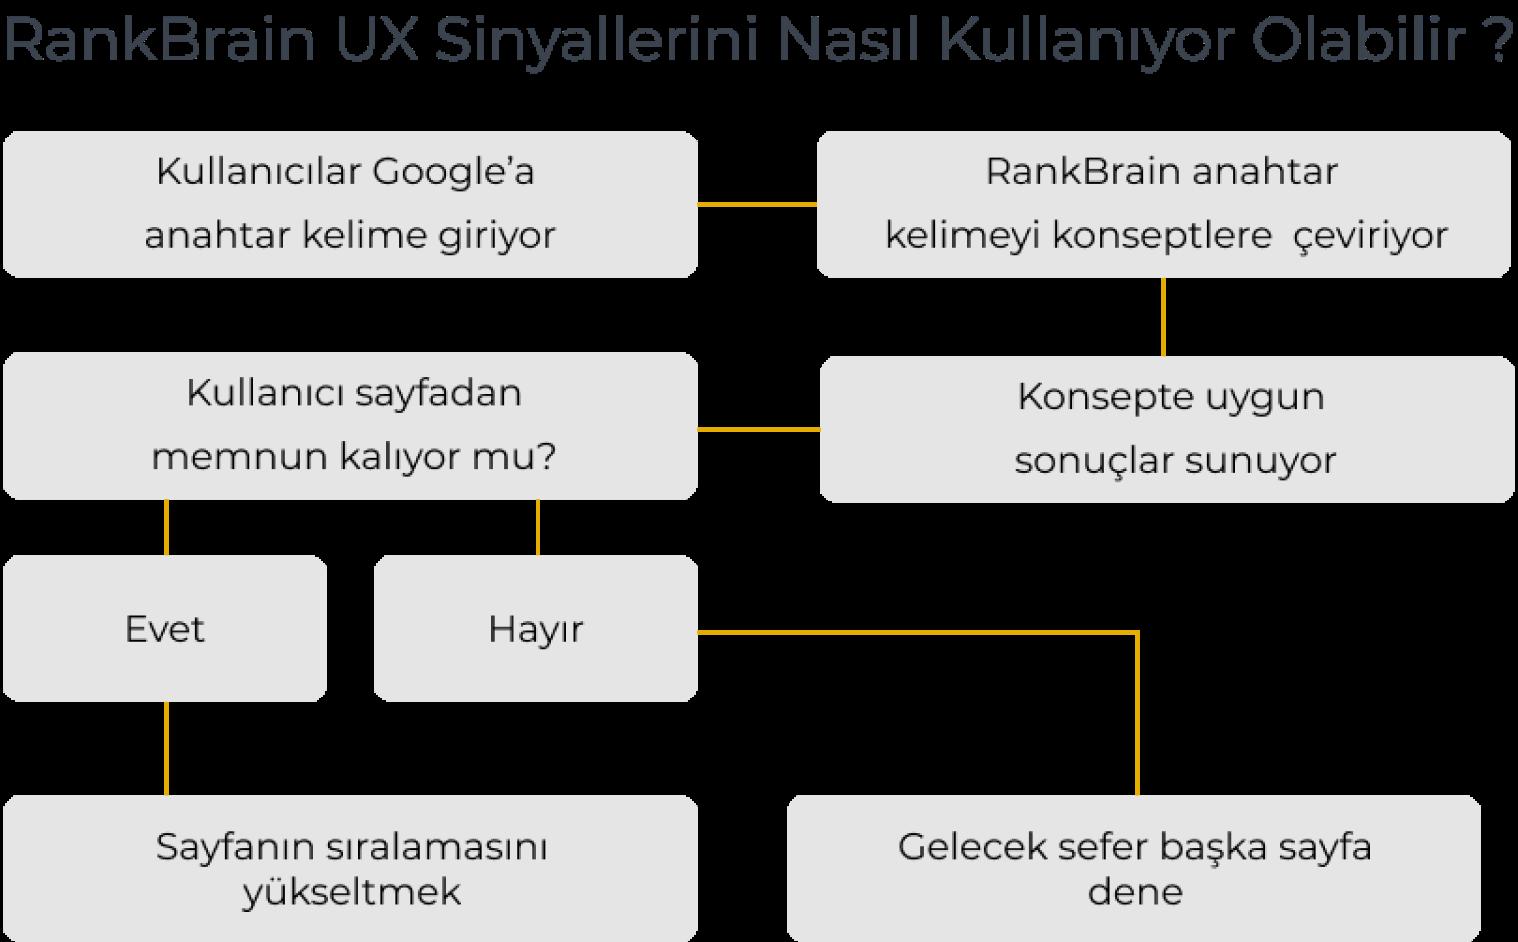 RankBrain-UX